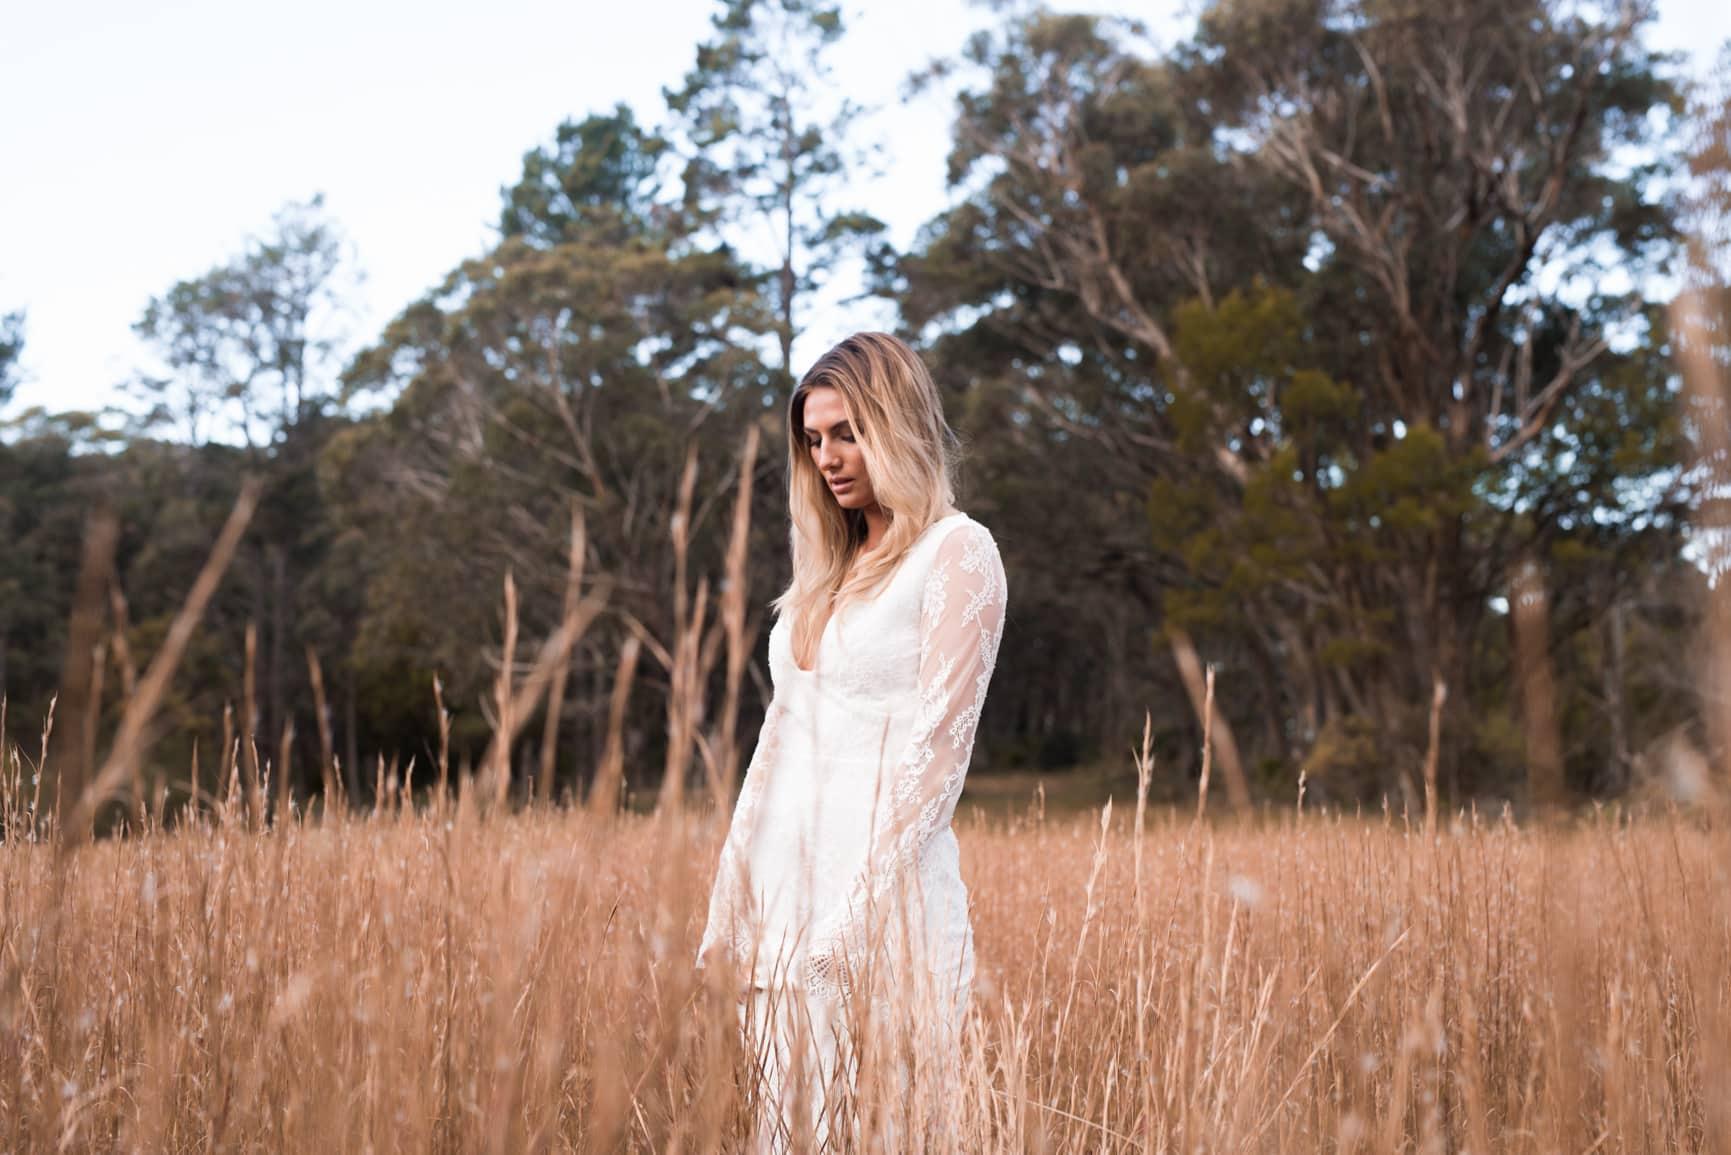 Oceana Strachan Nude Photos 95